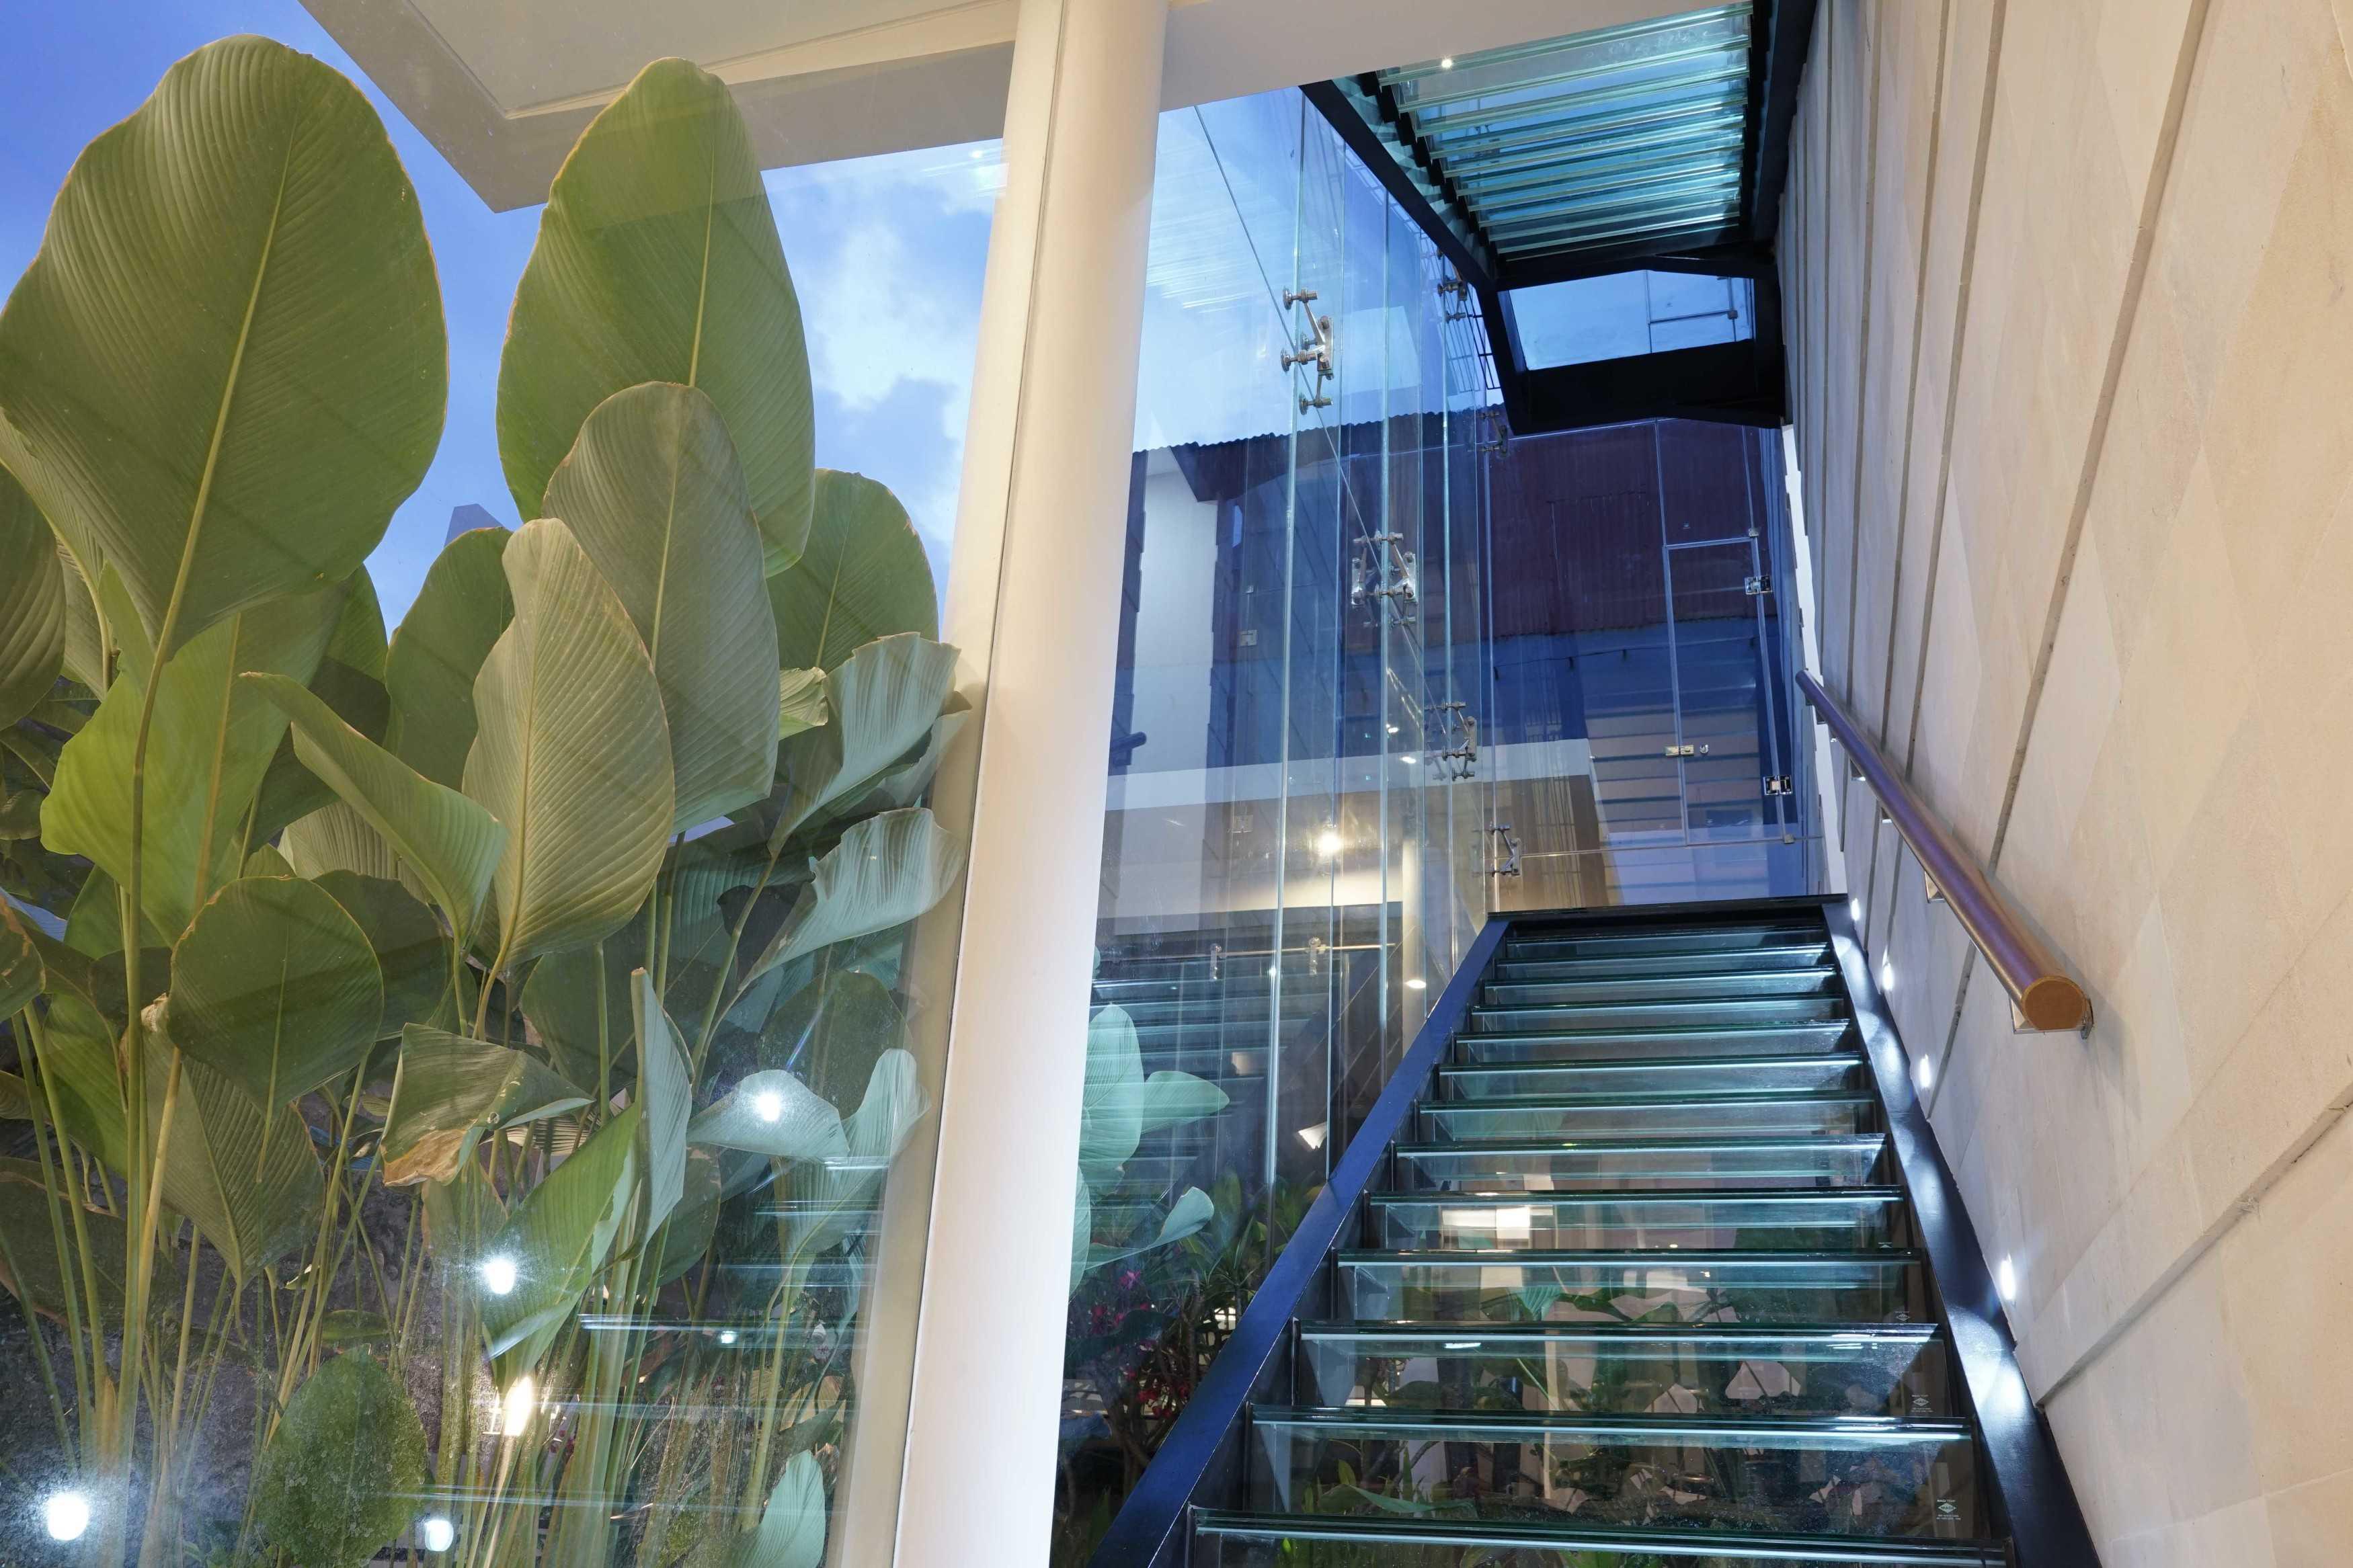 Saga Contractor Pembangunan Rumah Tinggal Kota Sby, Jawa Timur, Indonesia Kota Sby, Jawa Timur, Indonesia Pembangunan Rumah Tinggal - Stairs Modern  45031